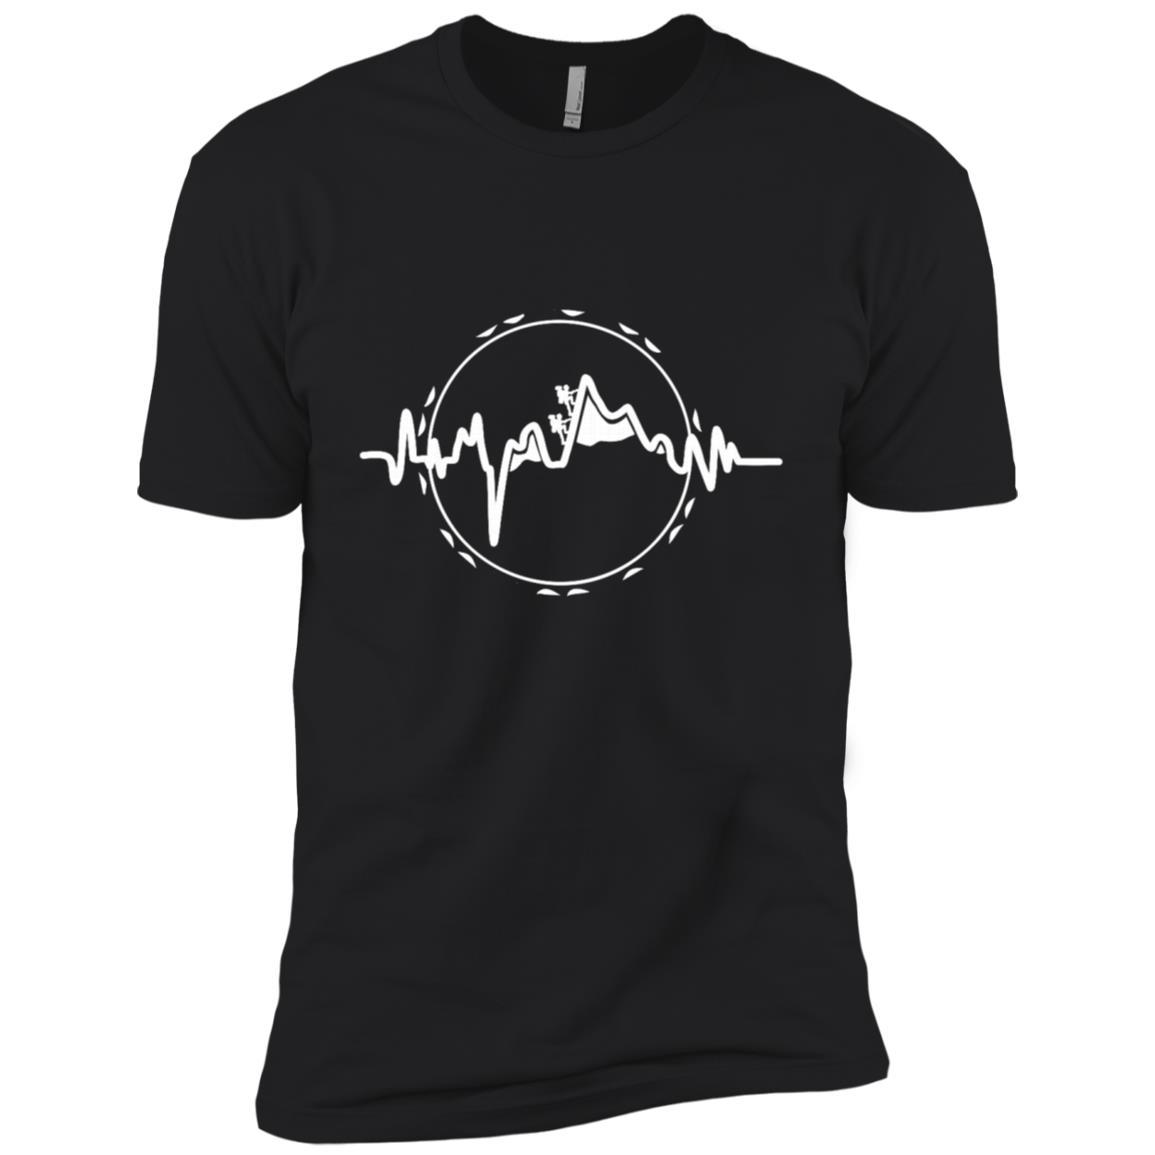 Heartbeat Hiking Mountain Cool Hiking Camping Men Short Sleeve T-Shirt